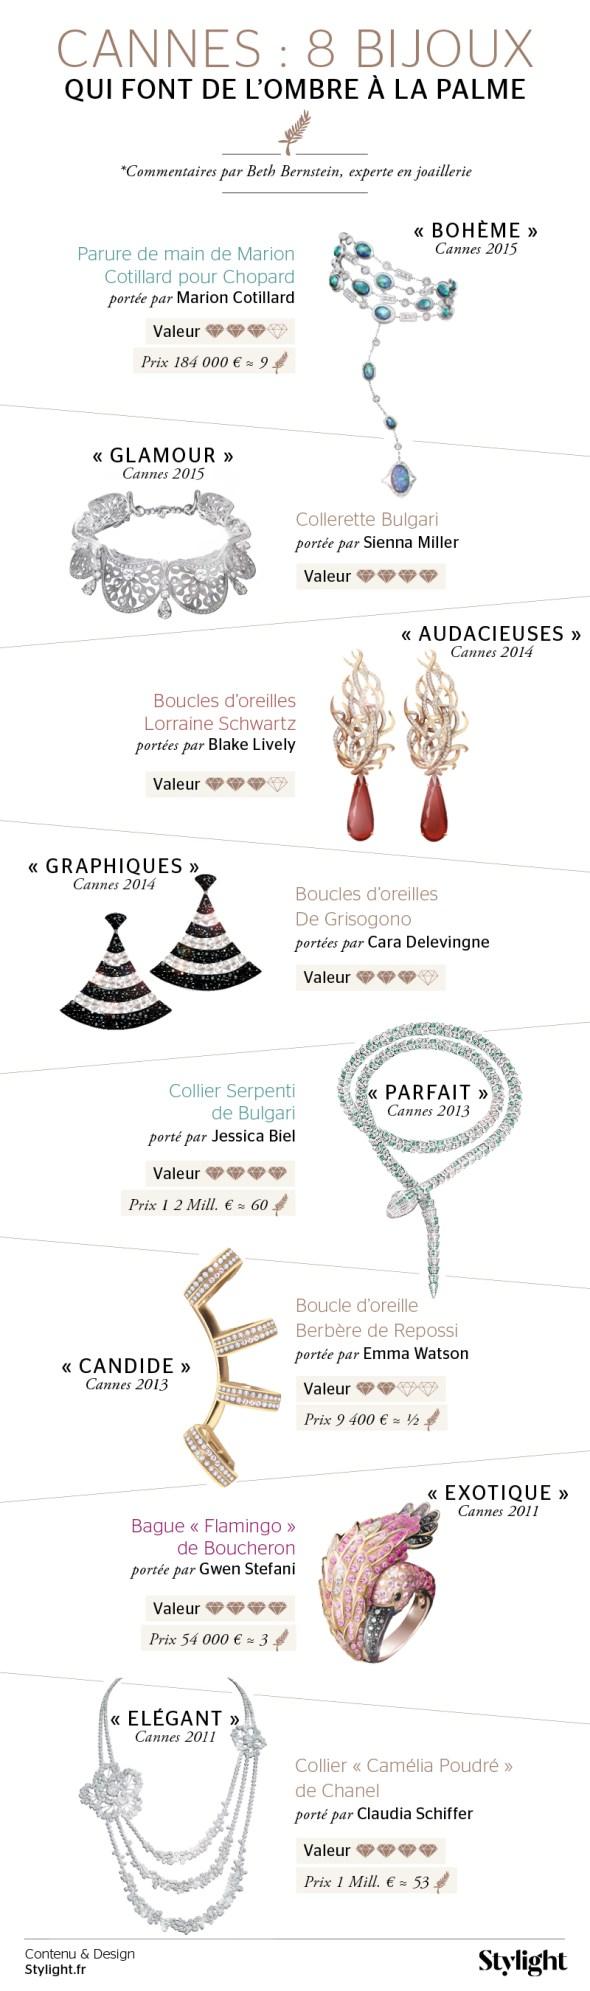 les-joyaux-de-la-croisette-les-bijoux-qui-font-de-l-ombre-a-le-palme-infographie-Stylight